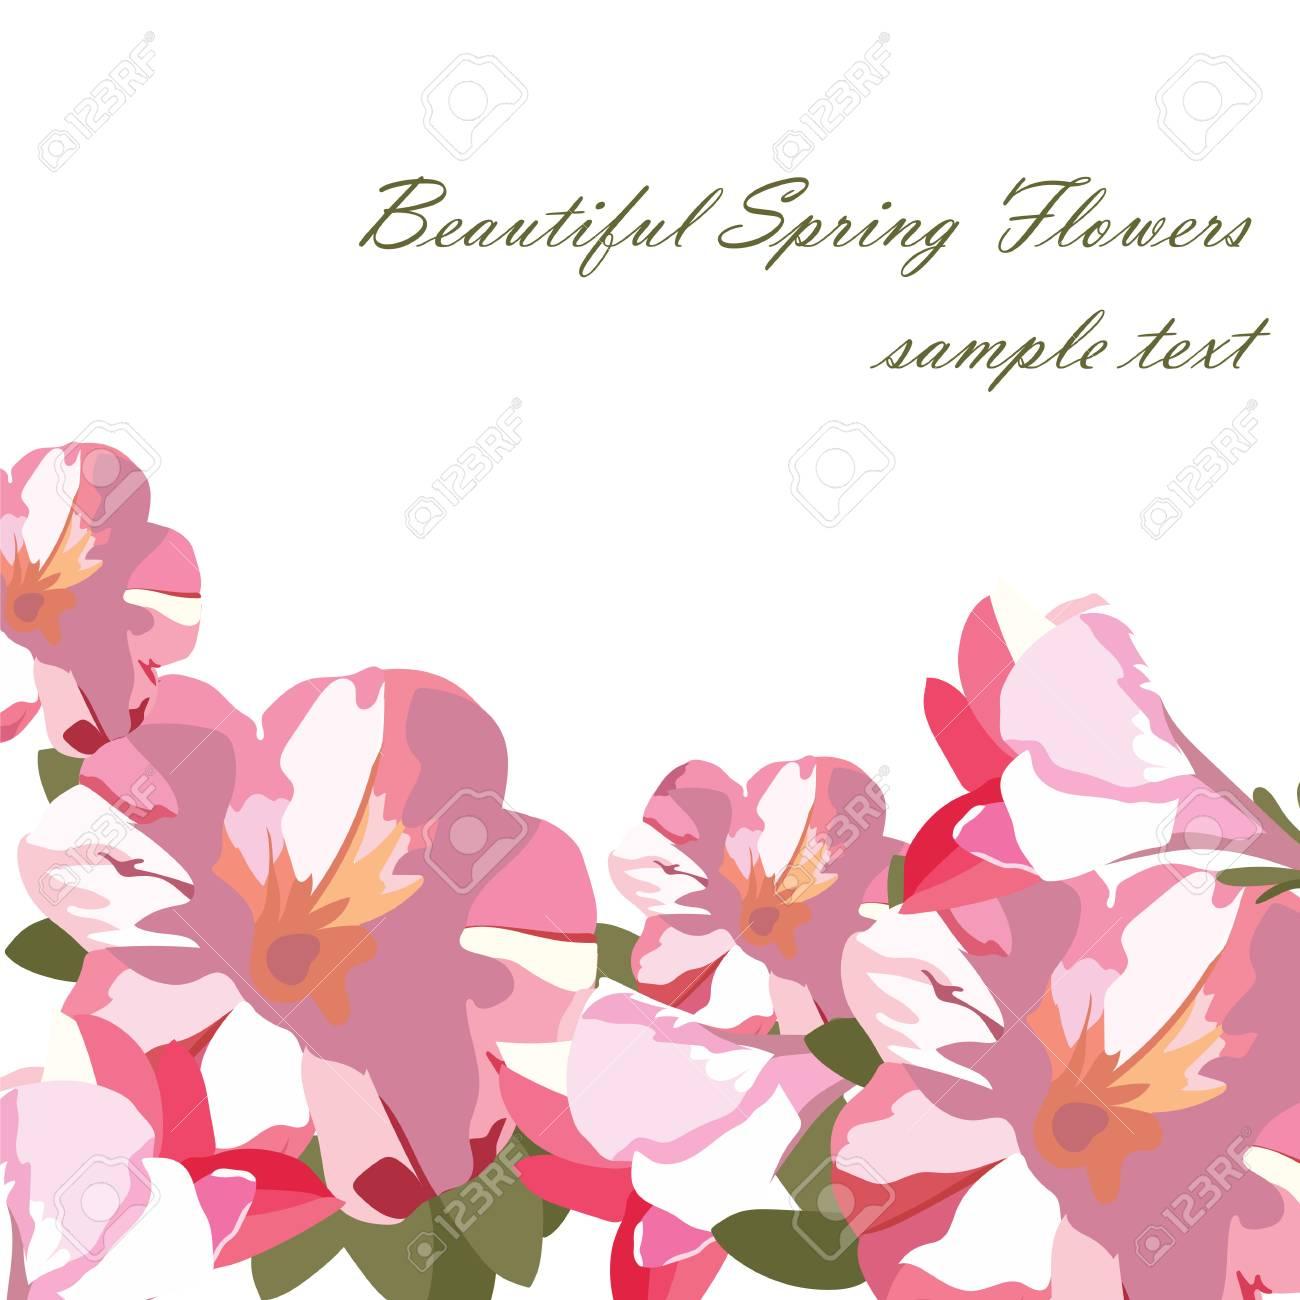 Roze Bloemenboeketkaart Die Op Wit Wordt Geïsoleerd Aquarel Bloemen Illustratie Vintage Elegante Kaart Illustratie Voor De Dag Van De Vrouw